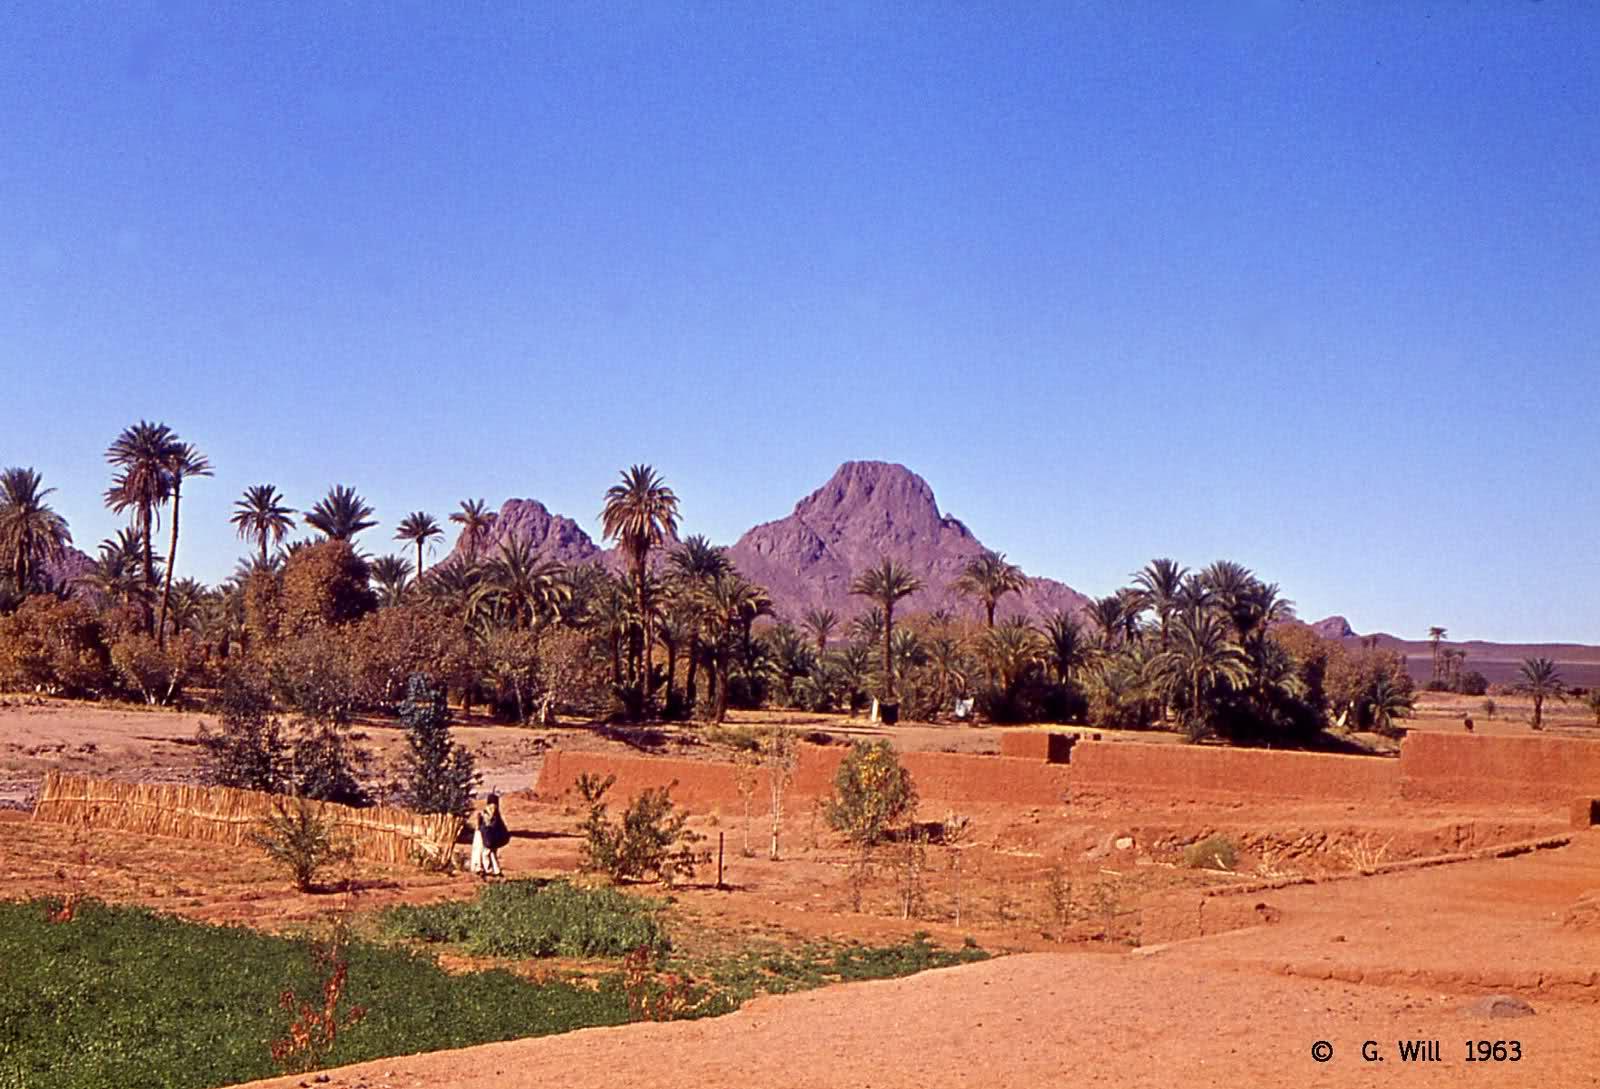 ملتقى دولي التجارة الإلكترونية في الجزائر: واقع وآفاق